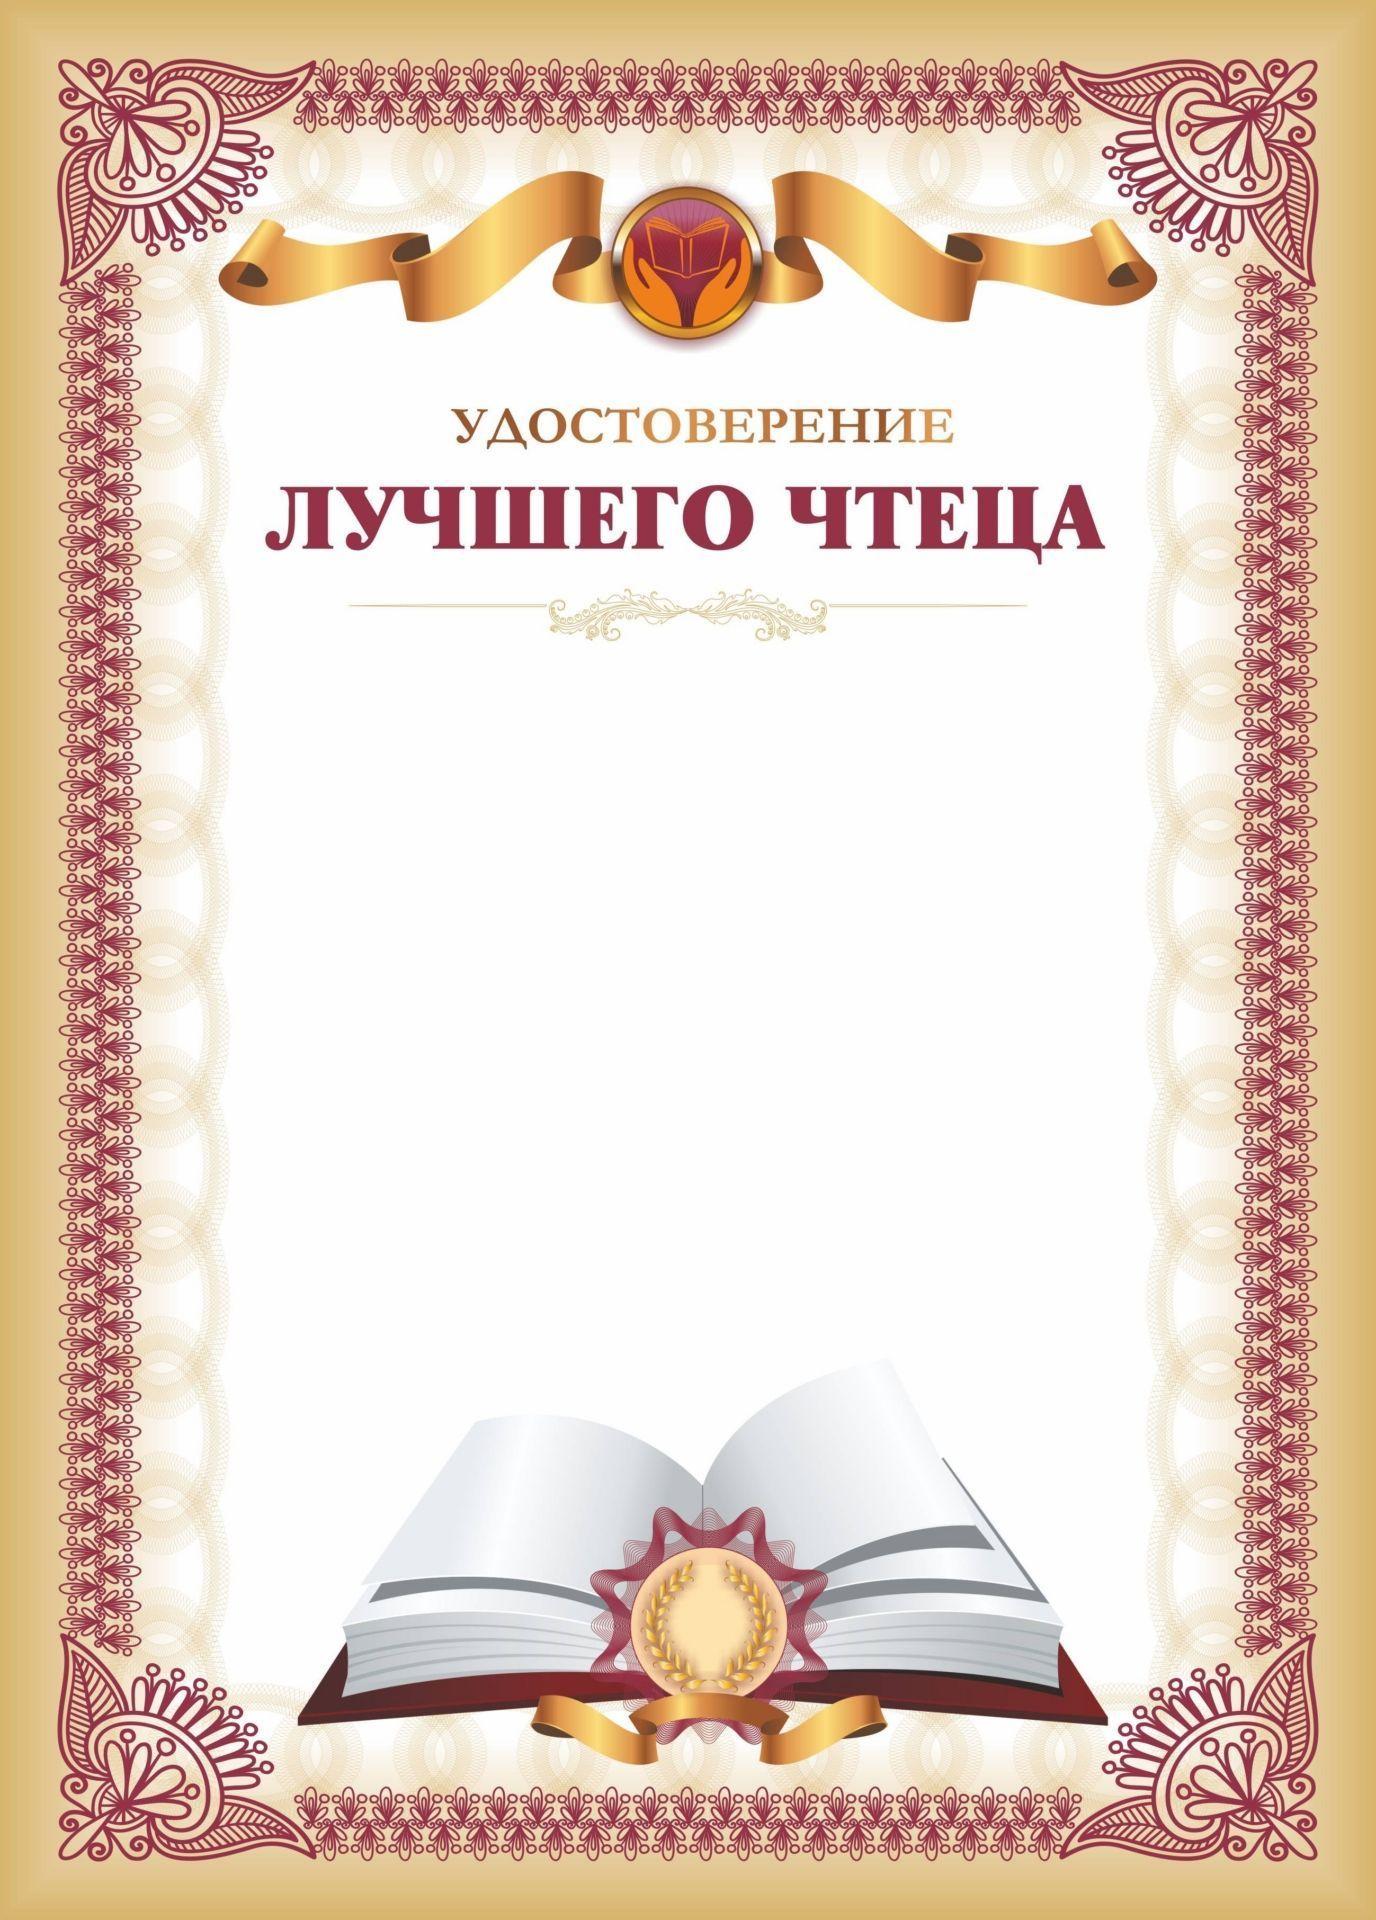 Удостоверение лучшего чтецаУчащимся<br>Материалы:иллюстрации - бумага мелованная, пл. 250.00.<br><br>Год: 2017<br>Высота: 297<br>Ширина: 210